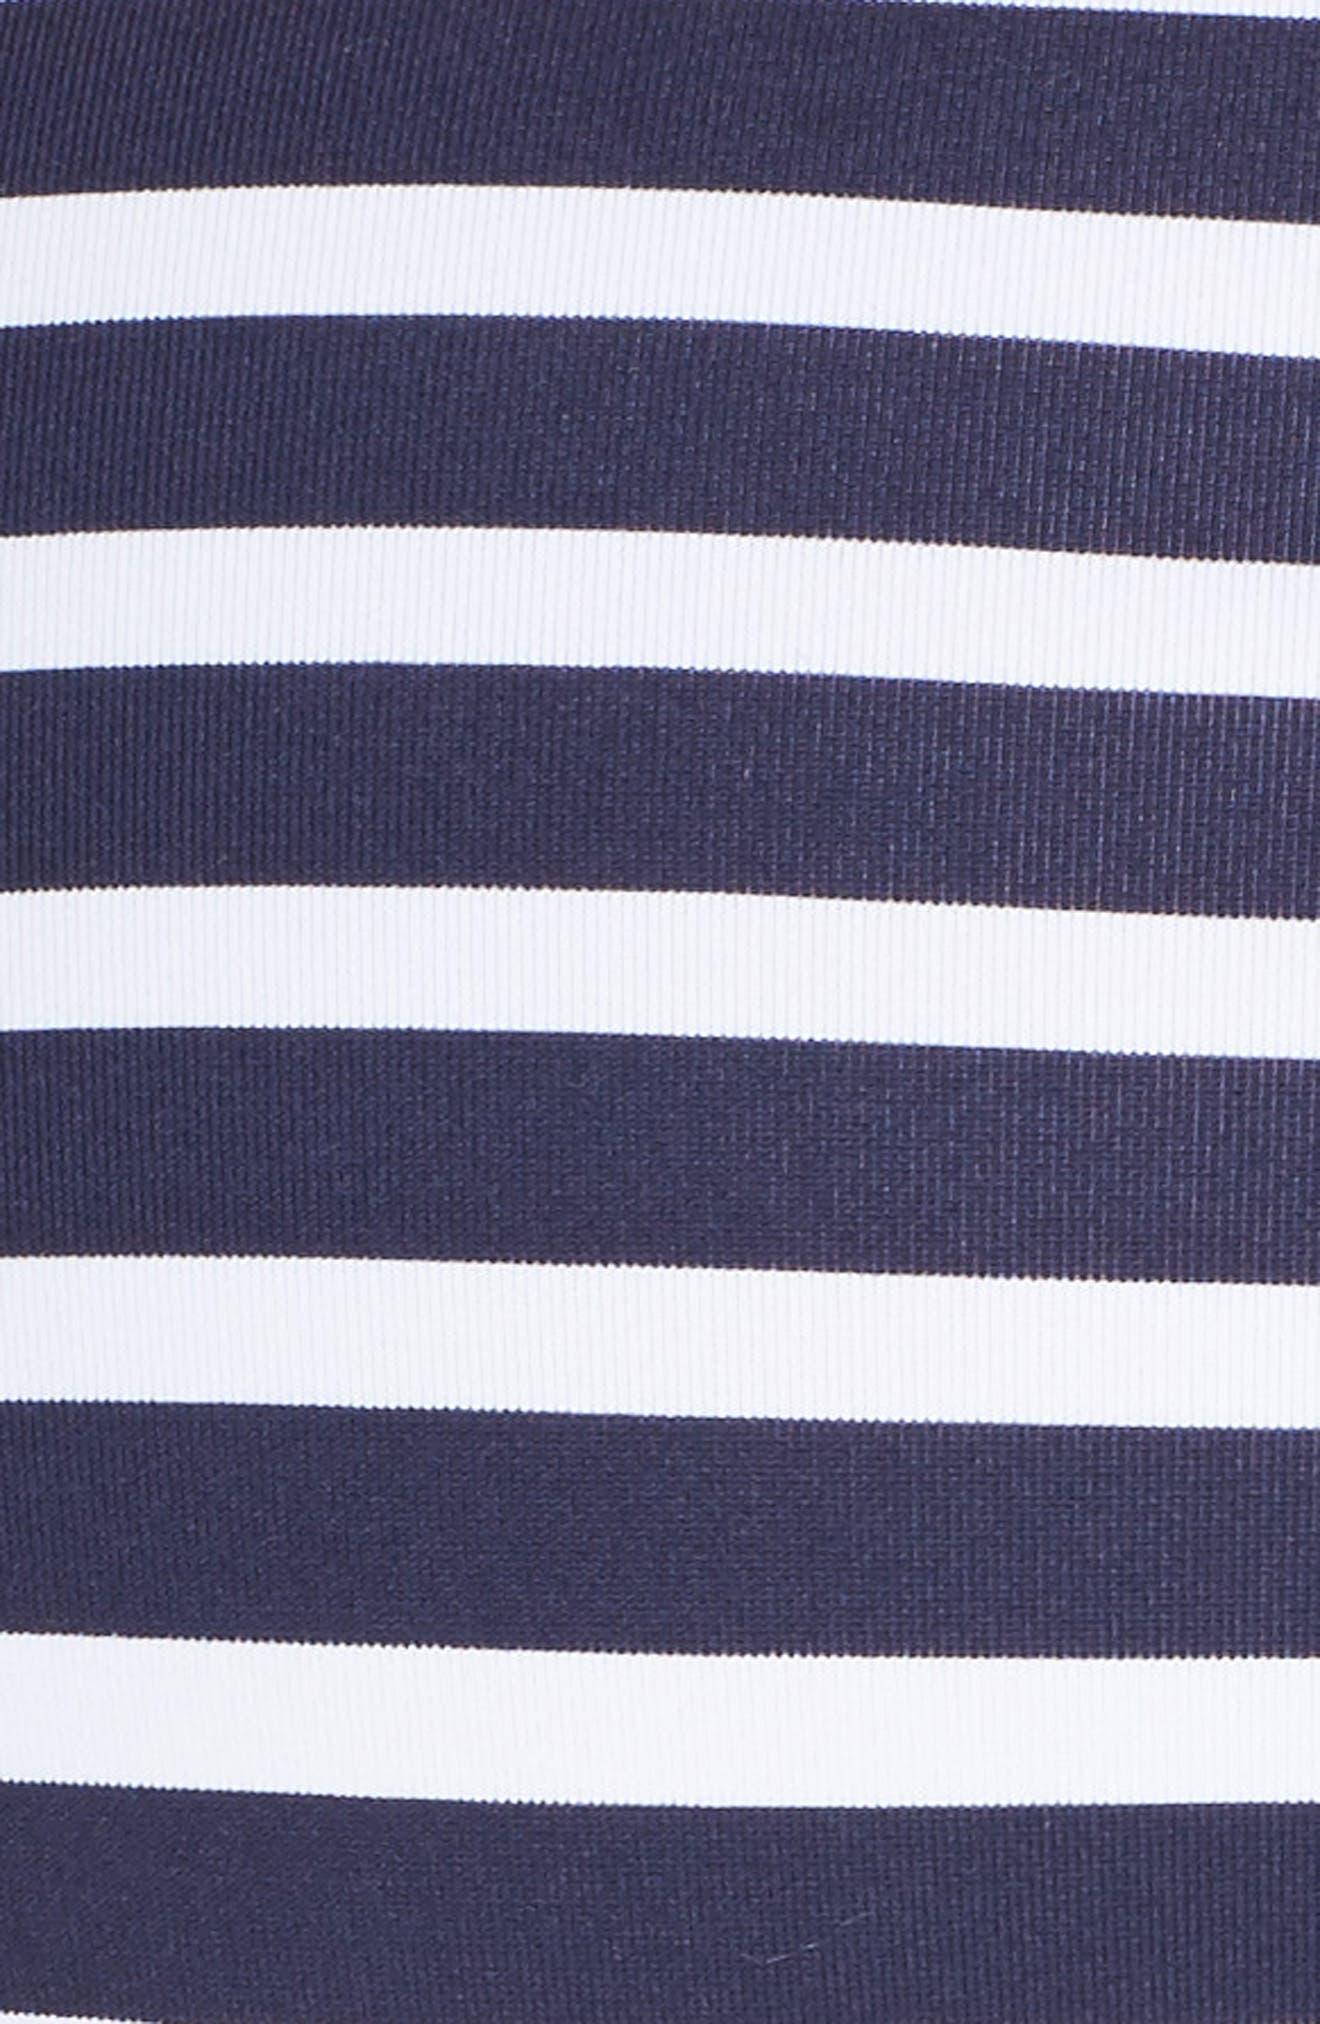 Breton Stripe Bikini Bottoms,                             Alternate thumbnail 5, color,                             400